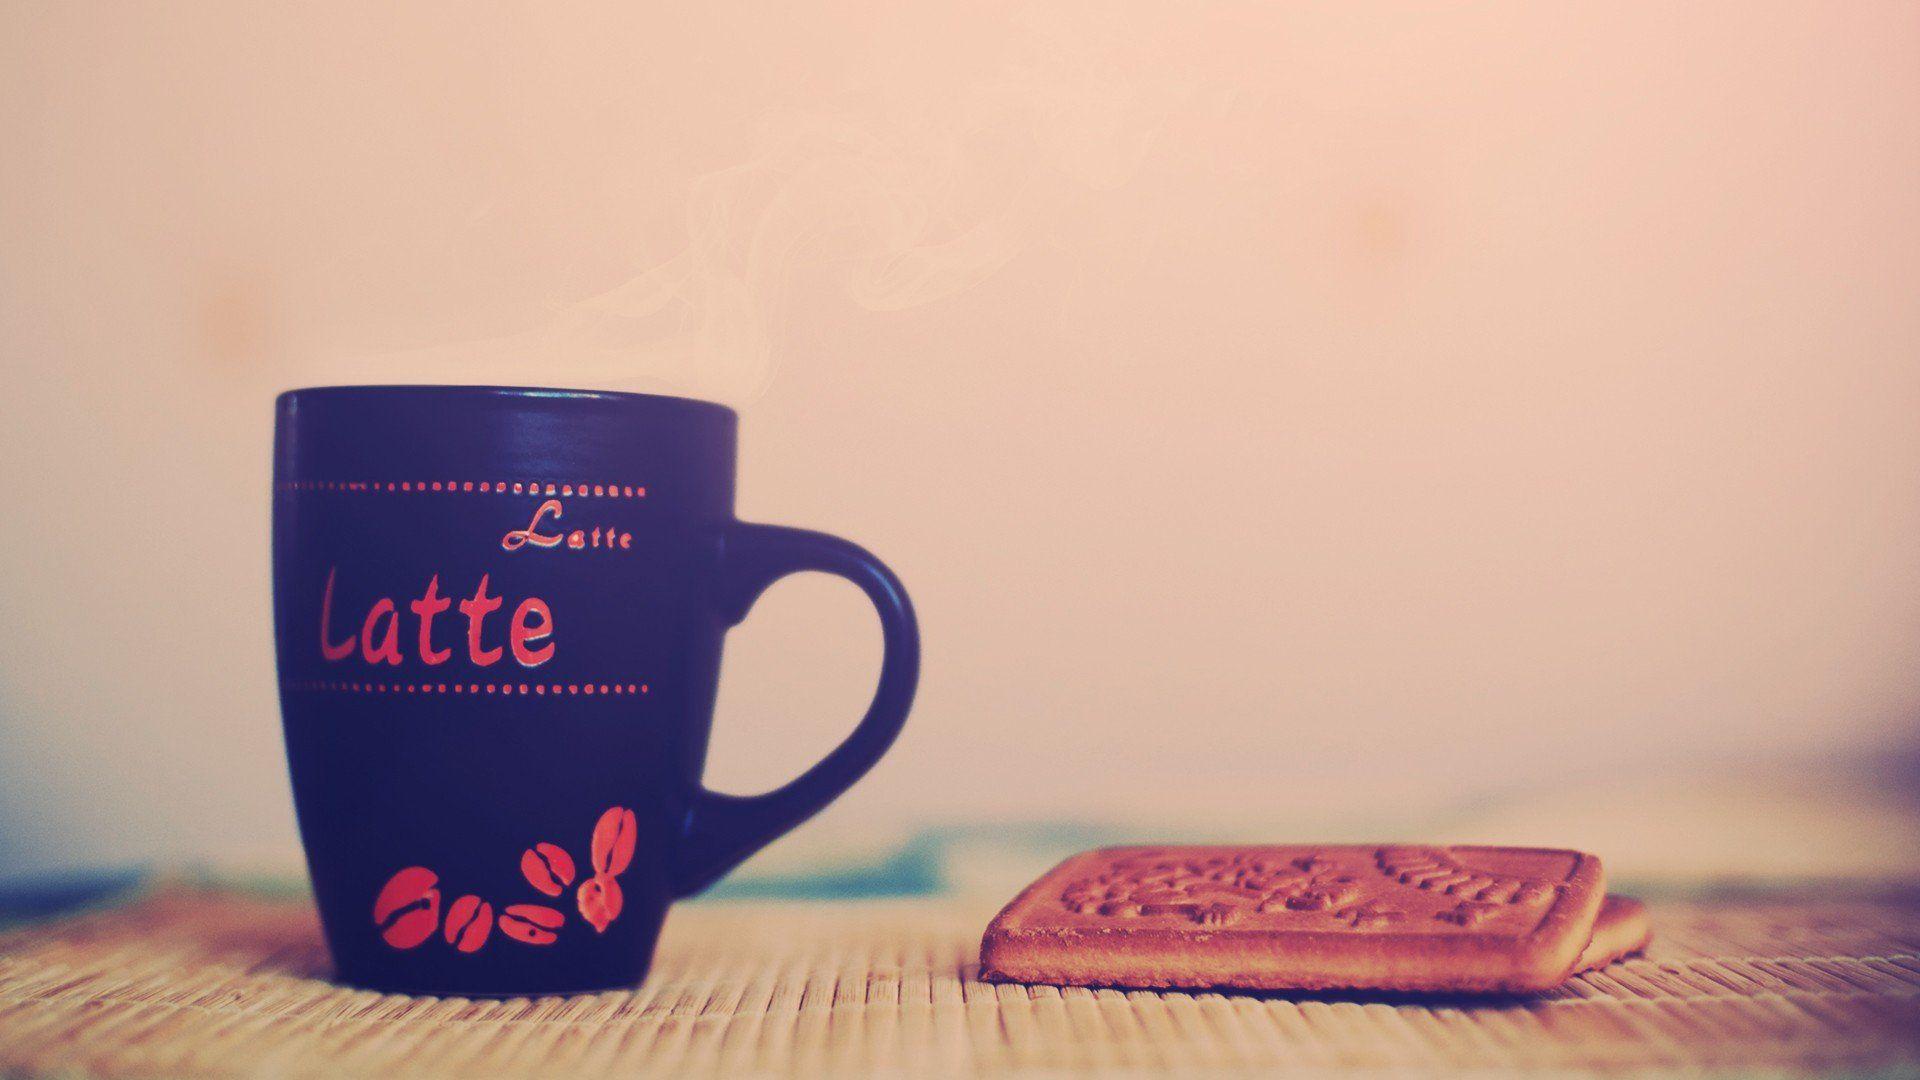 Szervezettség a zökkenőmentes reggelekért! - Szeretnéd Te is szervezetten, kiegyensúlyozottan indítani a reggeleidet? Akkor van néhány tippünk számodra!